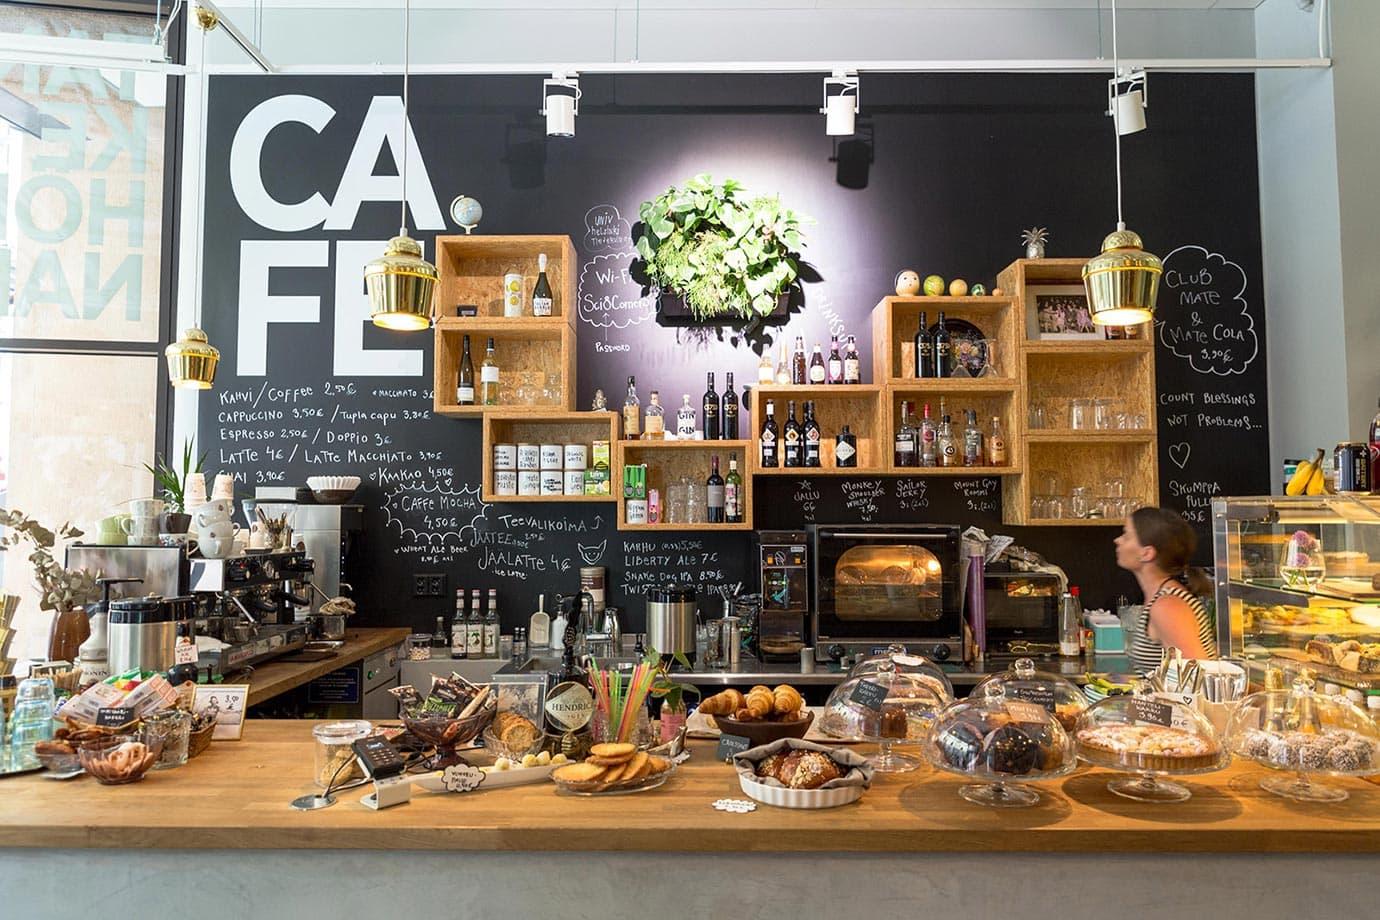 Cafe in Helsinki